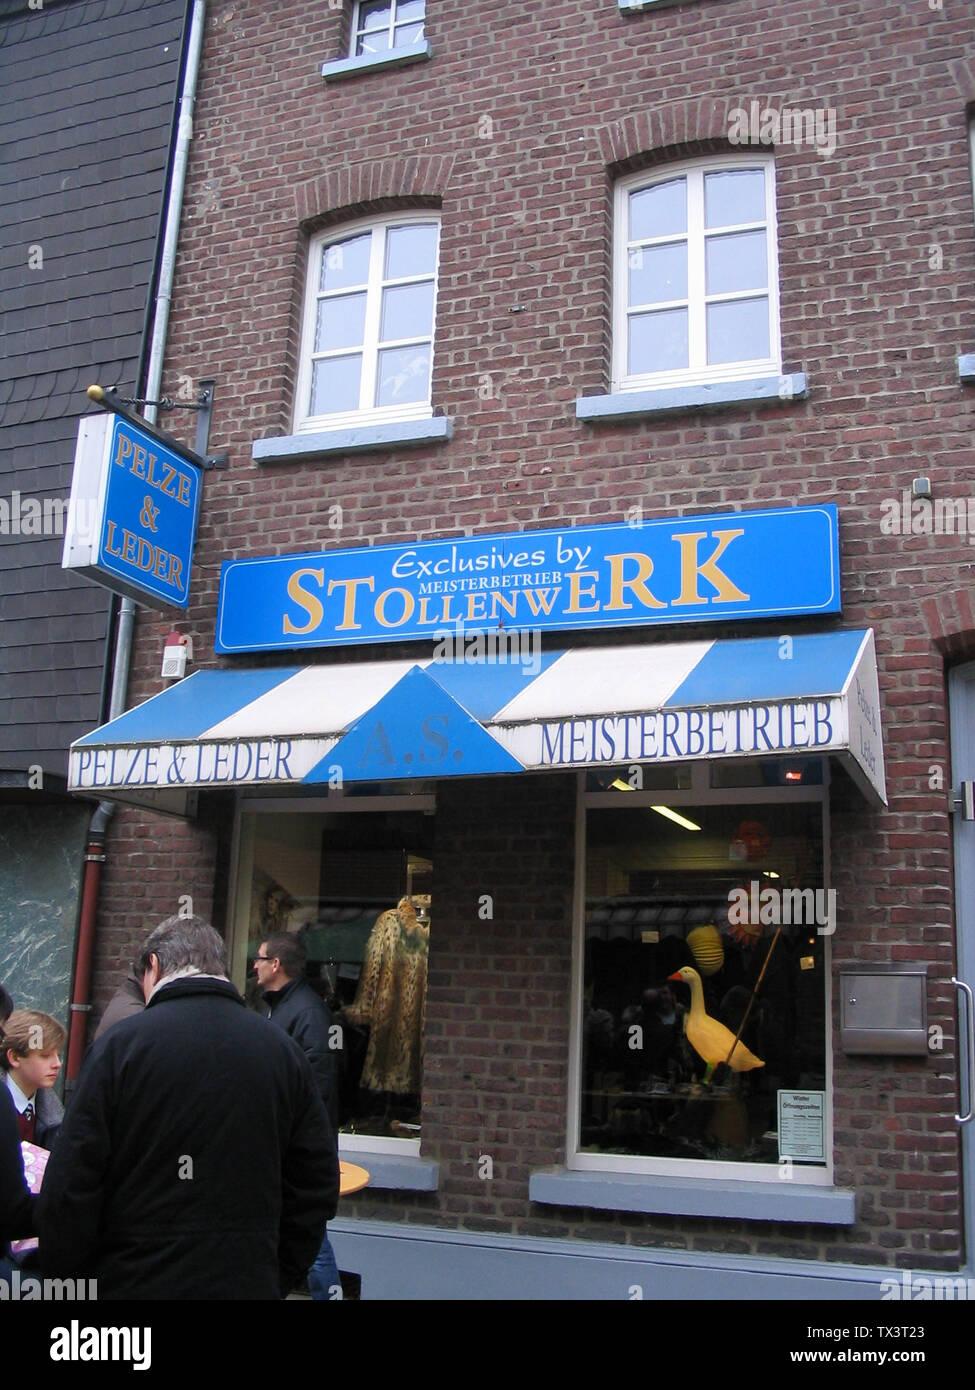 Pelze & Leder Stollenwerk, Albert Stollenwerk, Steinstraße 8, 41352 Korschenbroich, Nordrhein-Westfalen  am Tag des Martinsmarkts; 7 November 2010; Own work; Kürschner (talk) 09:52, 8 November 2010 (UTC); Stock Photo